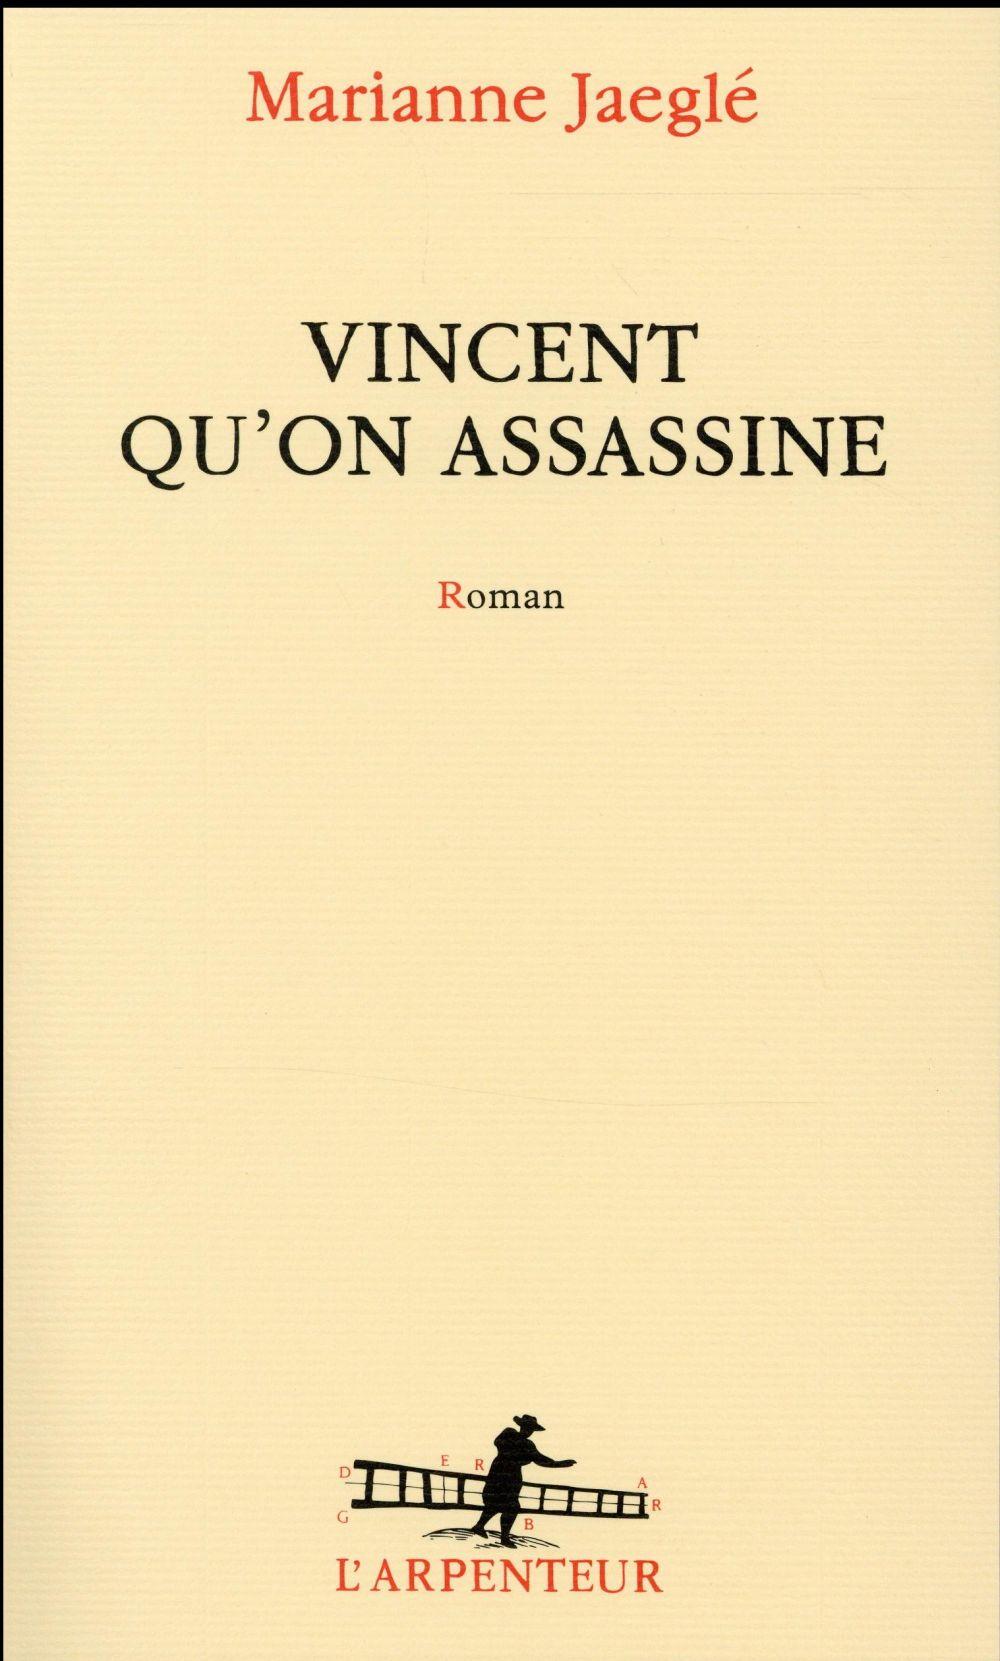 Jaeglé Marianne - VINCENT QU'ON ASSASSINE